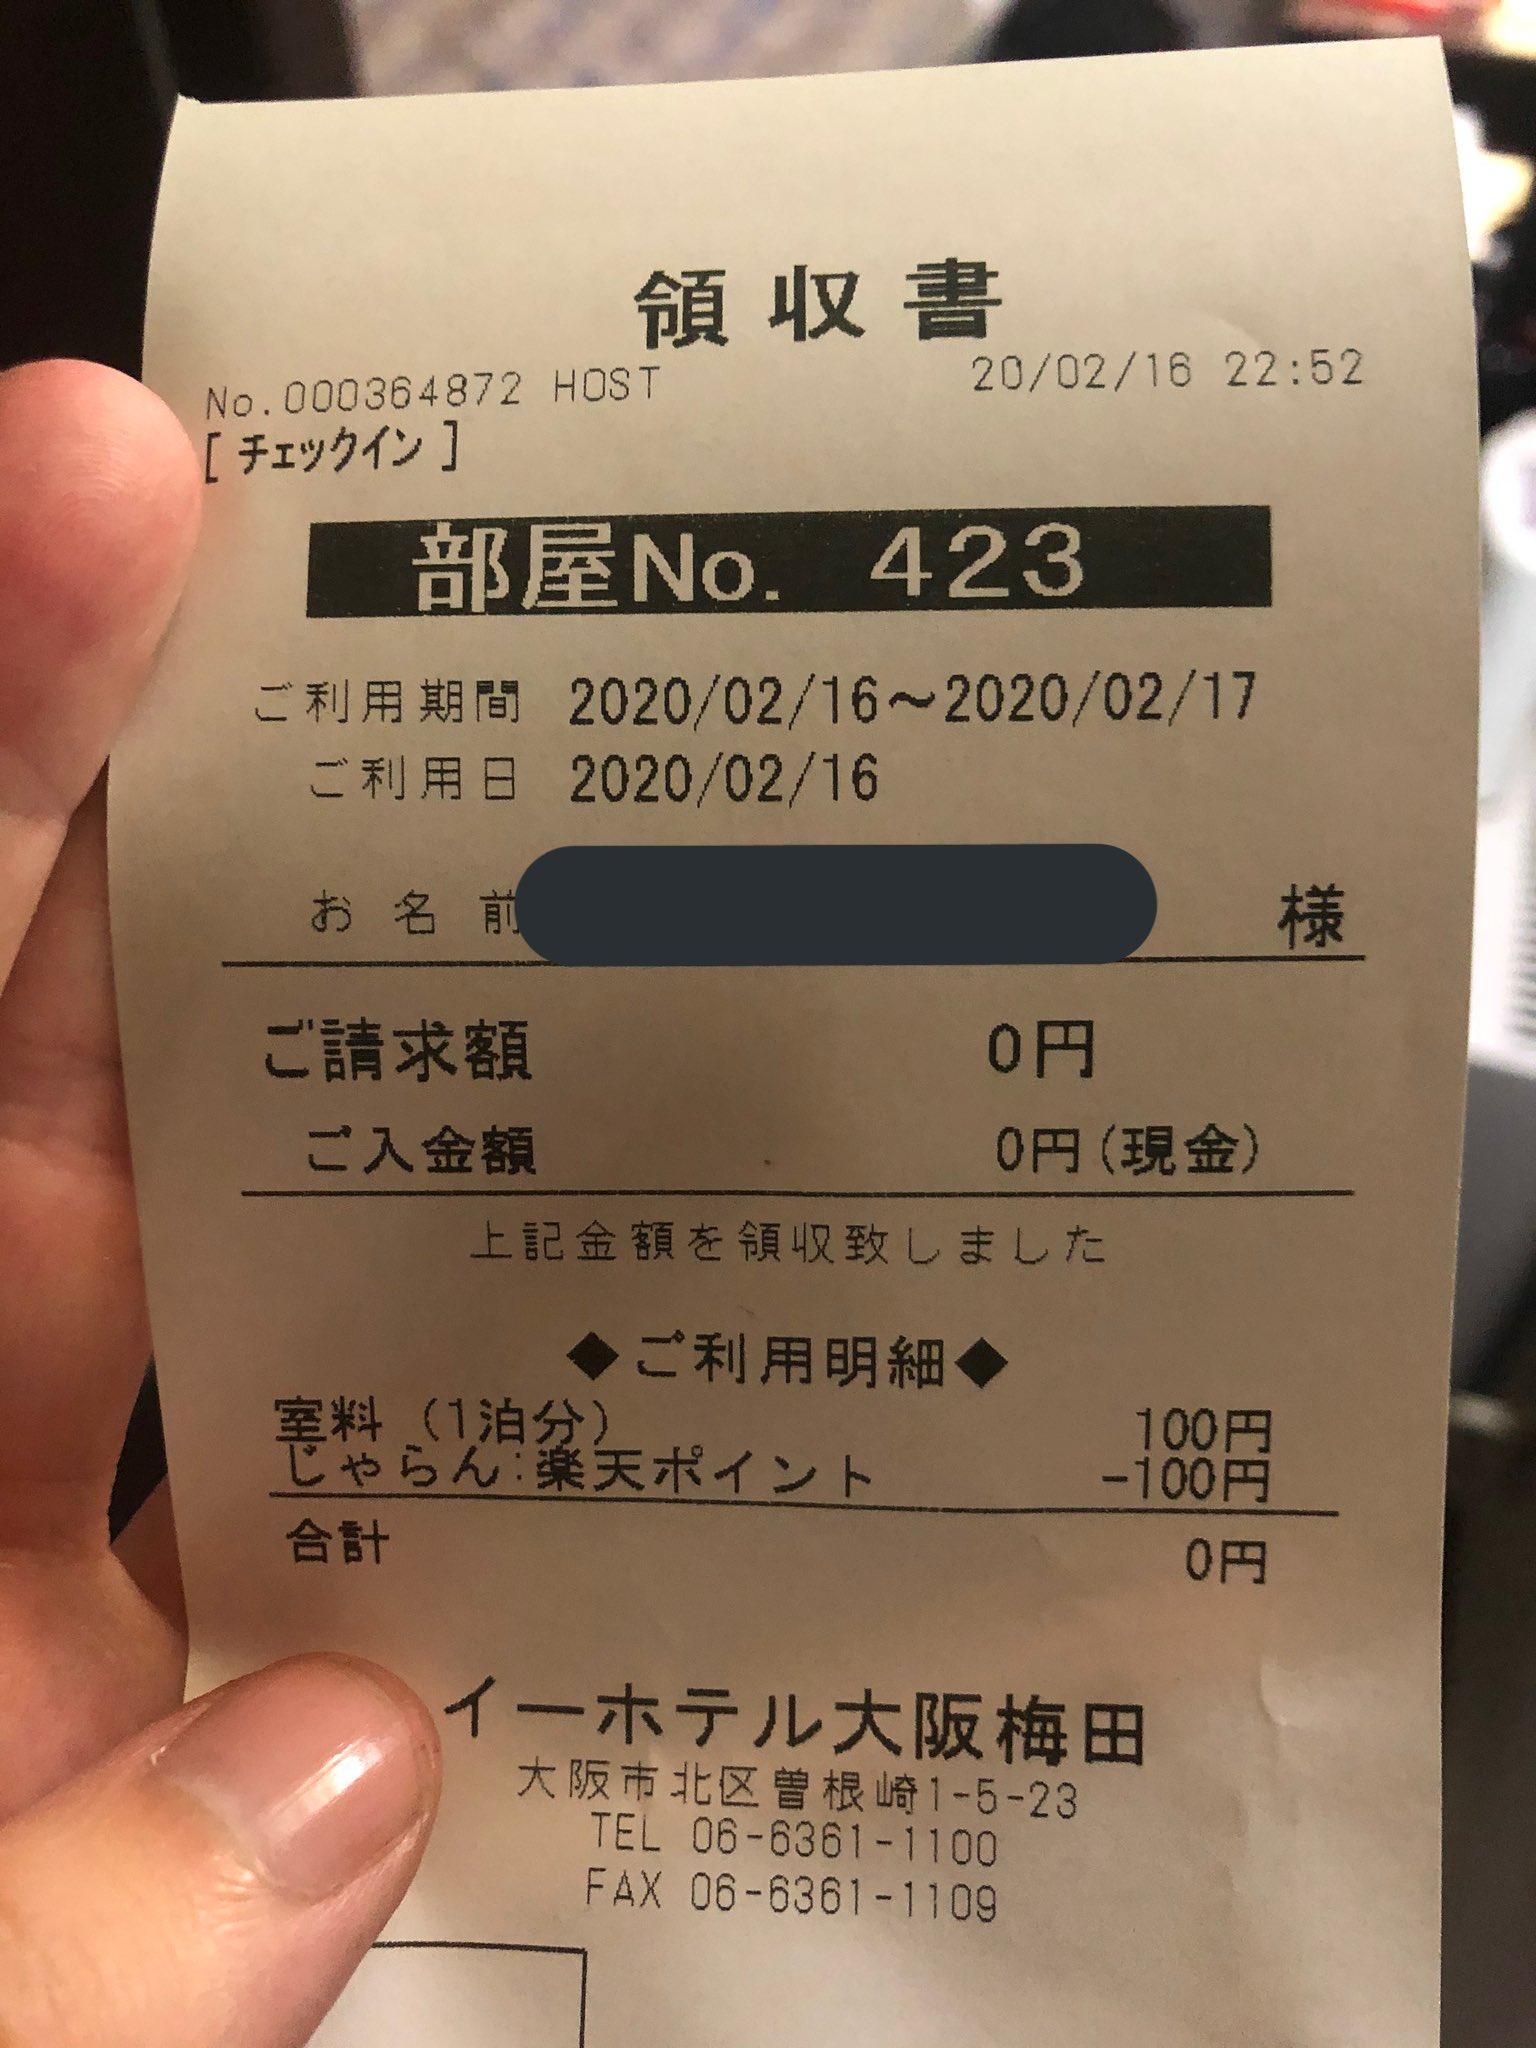 宿泊料が100円のホテル!? 普通に良くてこの安さが逆に怖いwww